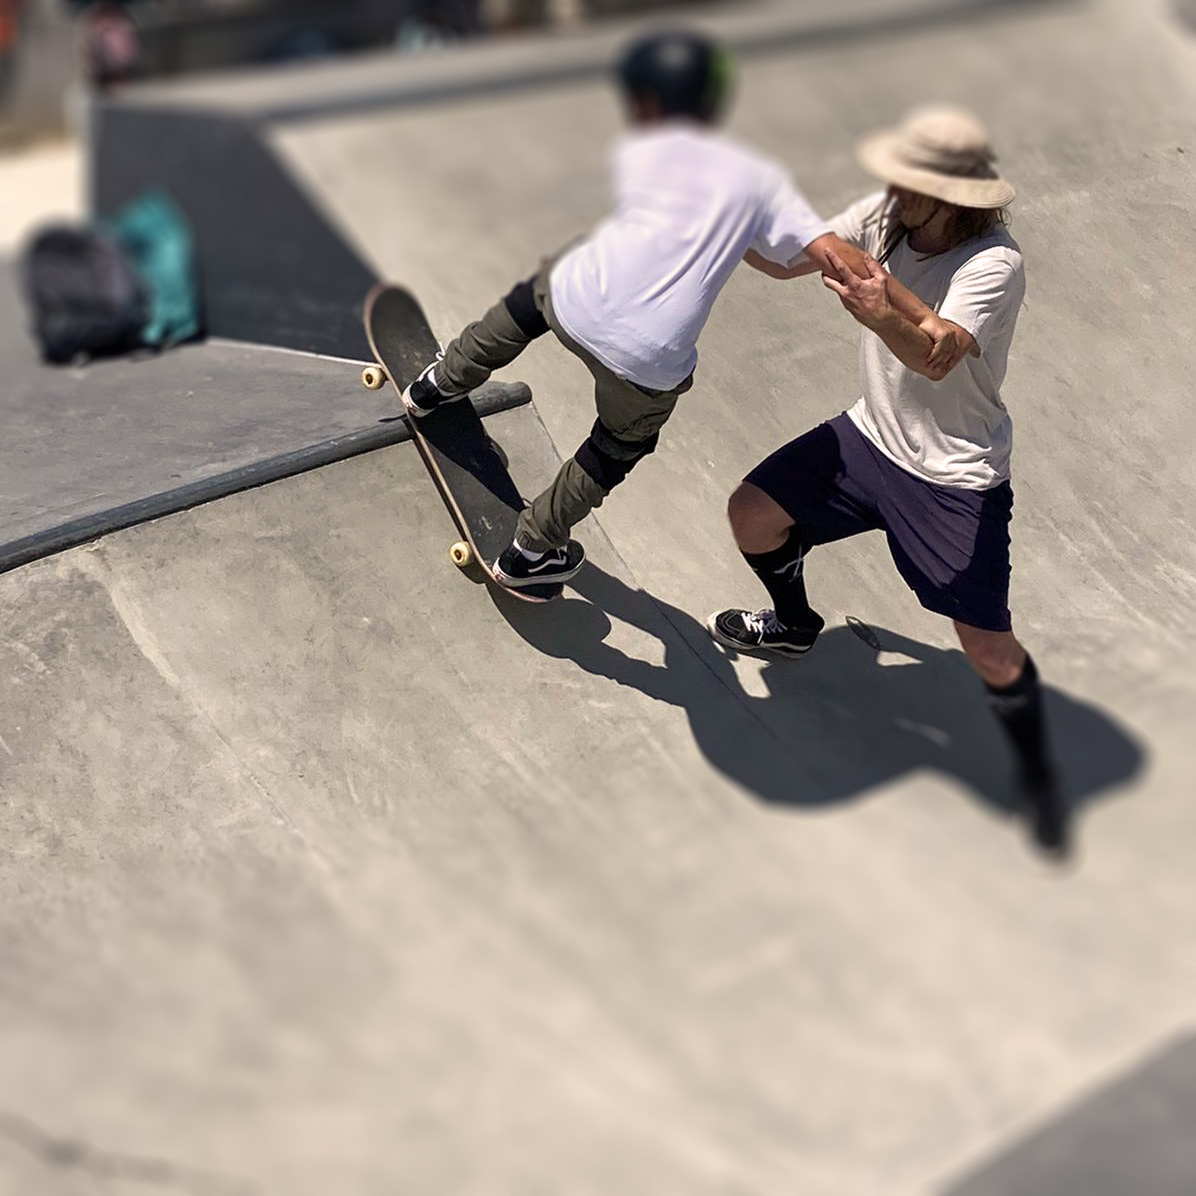 Mit dem Nachwuchskader von Snowboard Bayern im Skatepark Freiham, Juni 2021